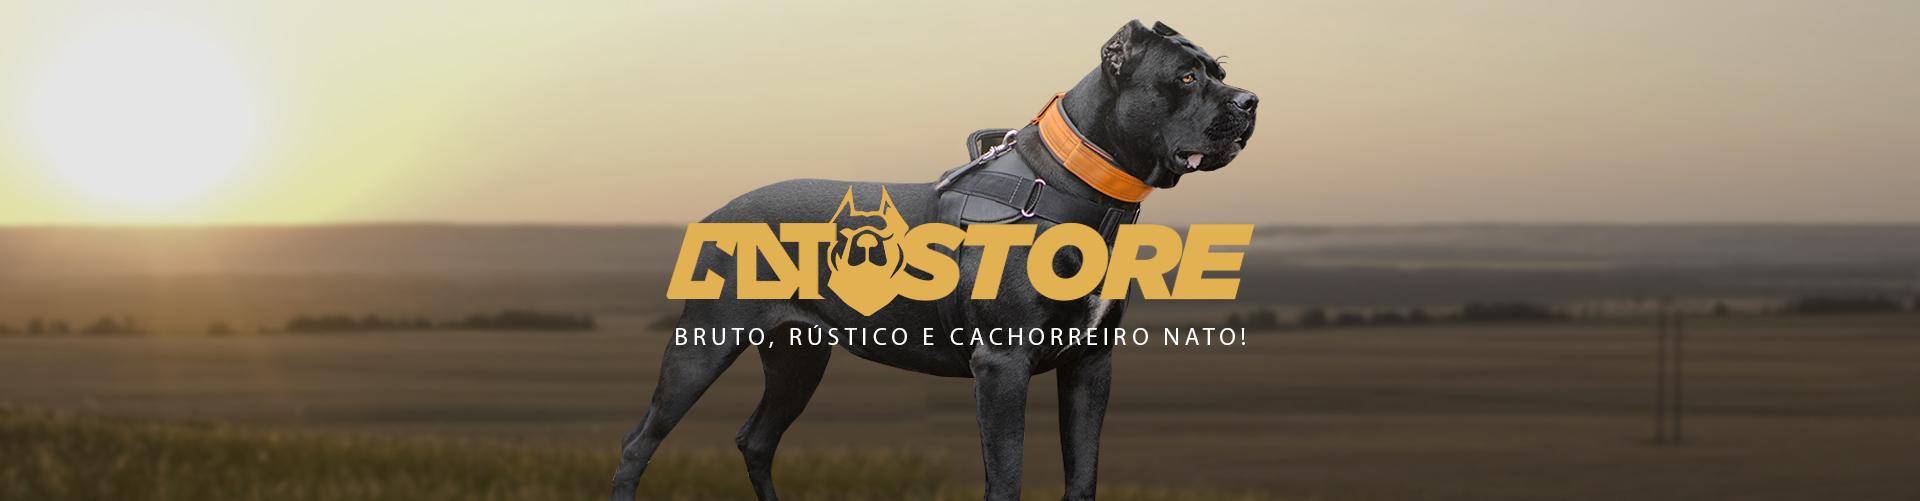 CDT Store